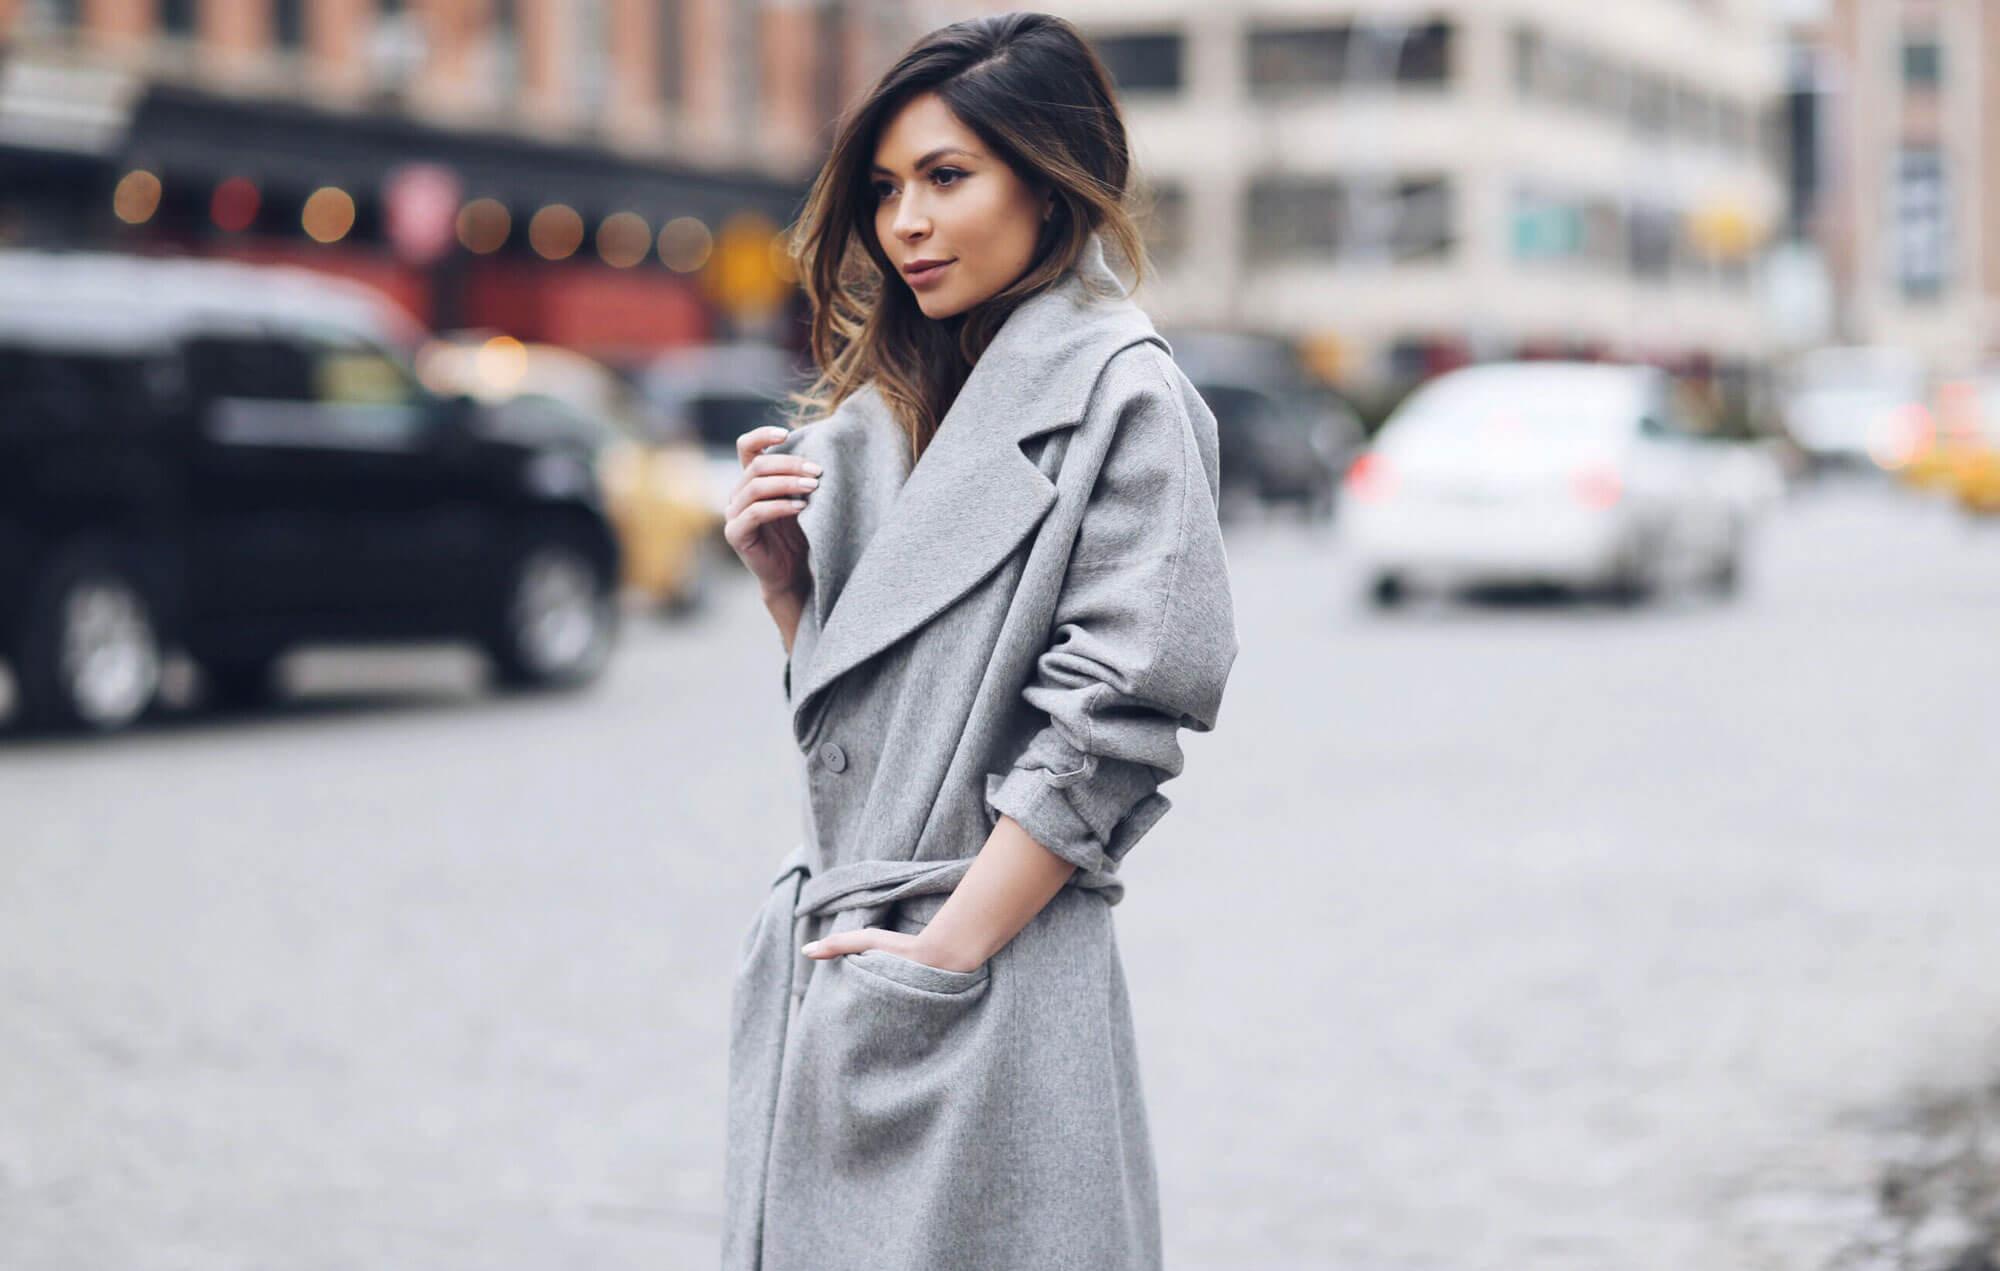 Сонник: пальто. К чему снится пальто новое, женское, черное